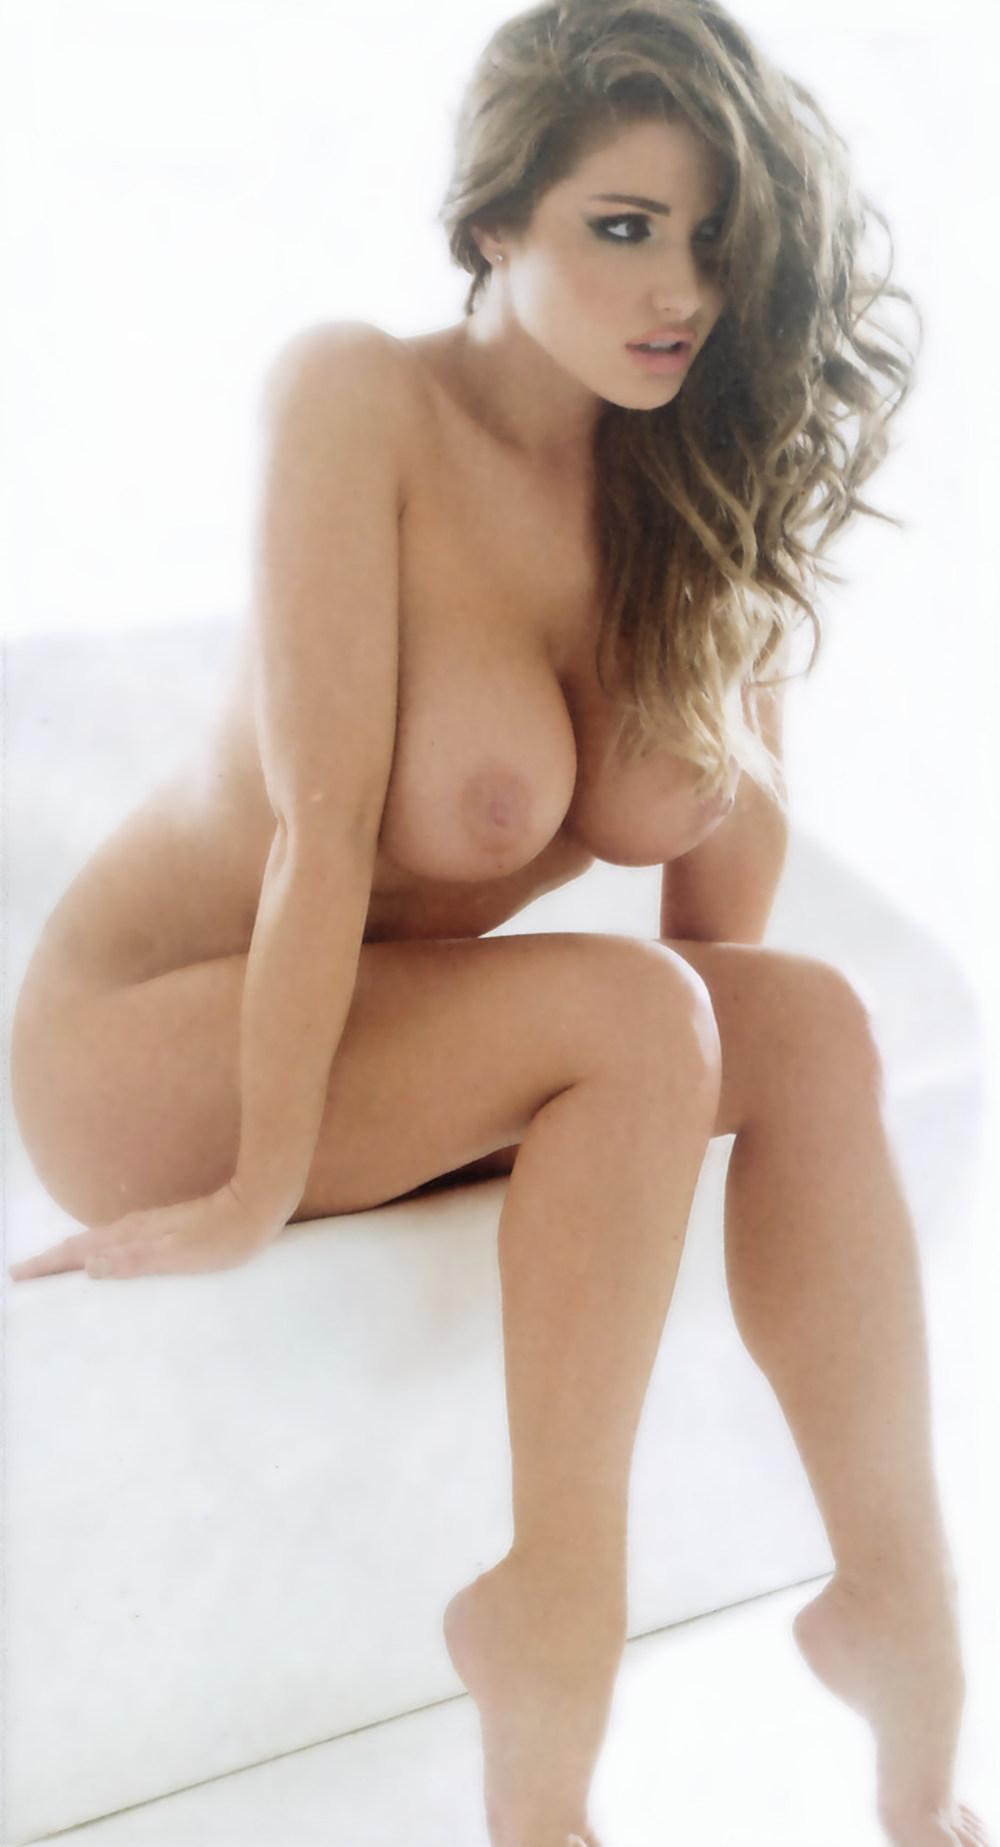 lucy-pinder-nuts-magazine-30-10-2012-3-9900.jpg